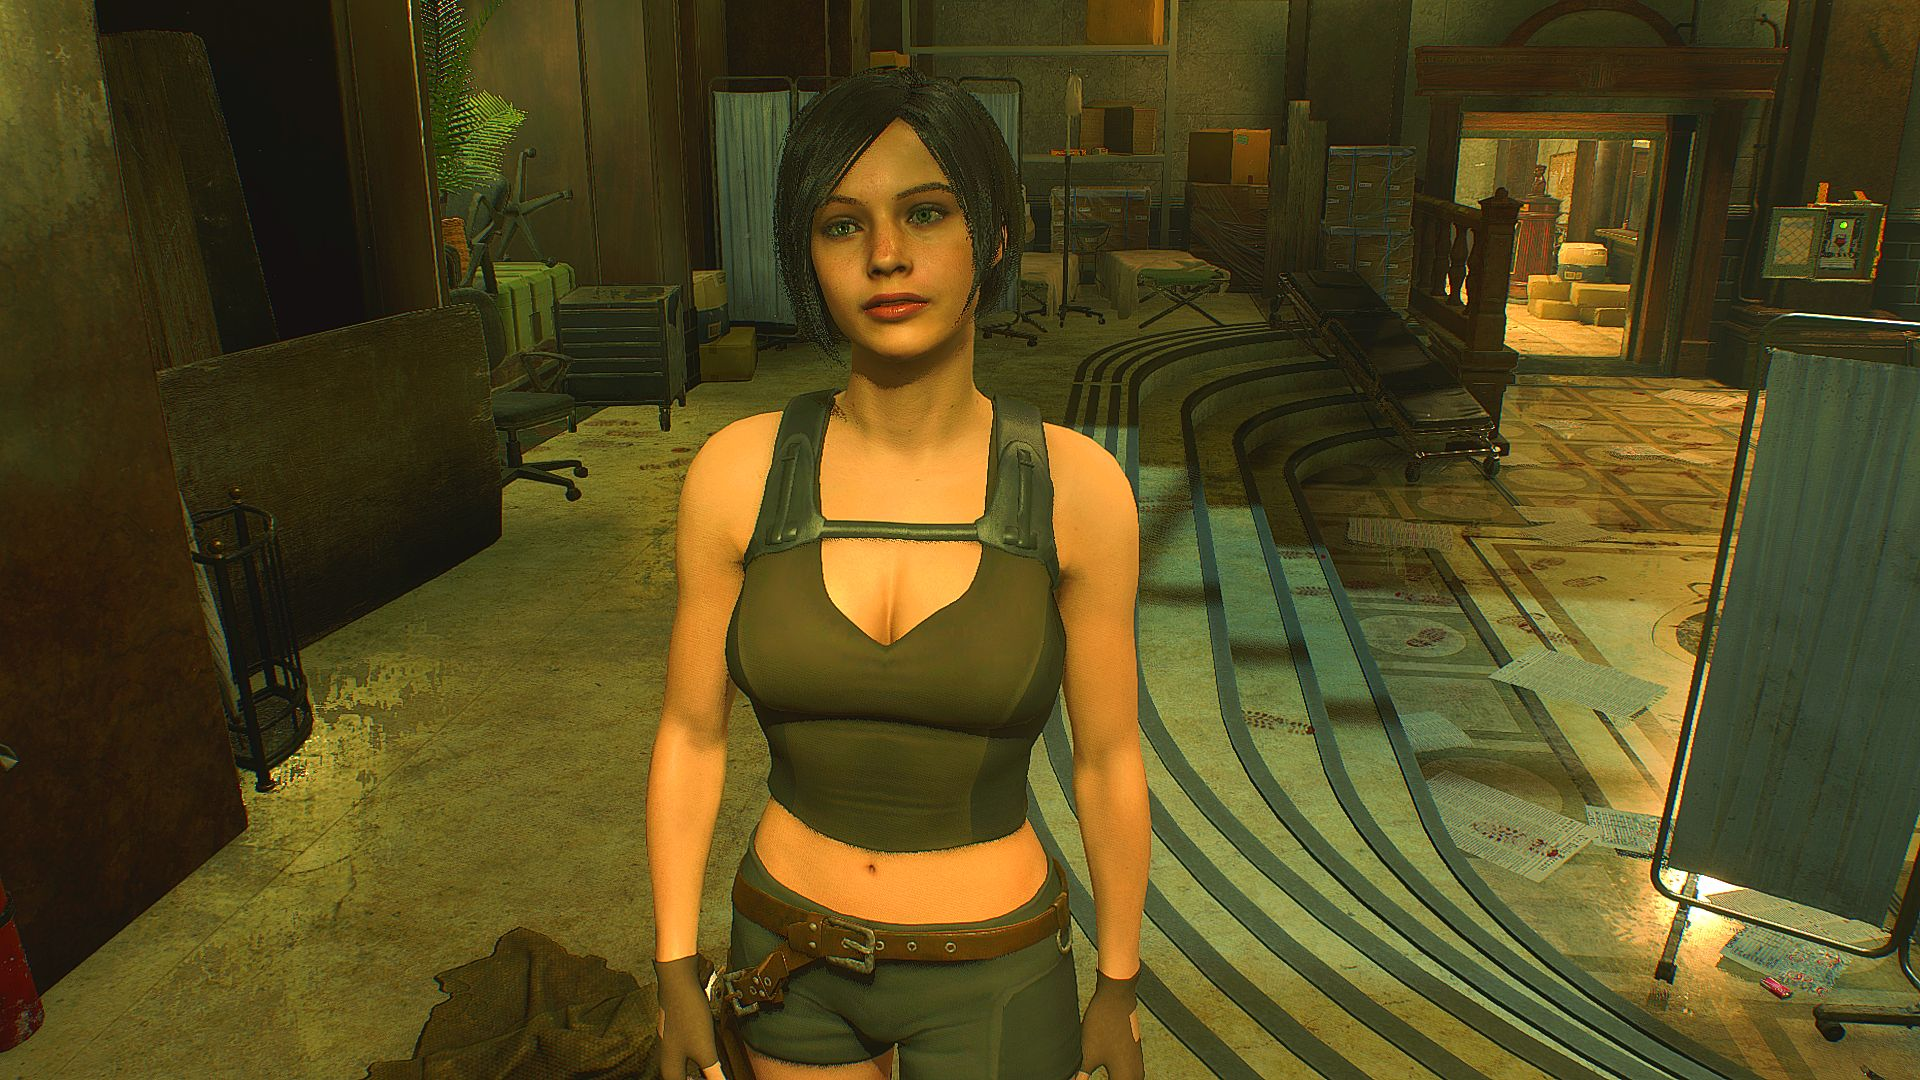 00072.Jpg - Resident Evil 2